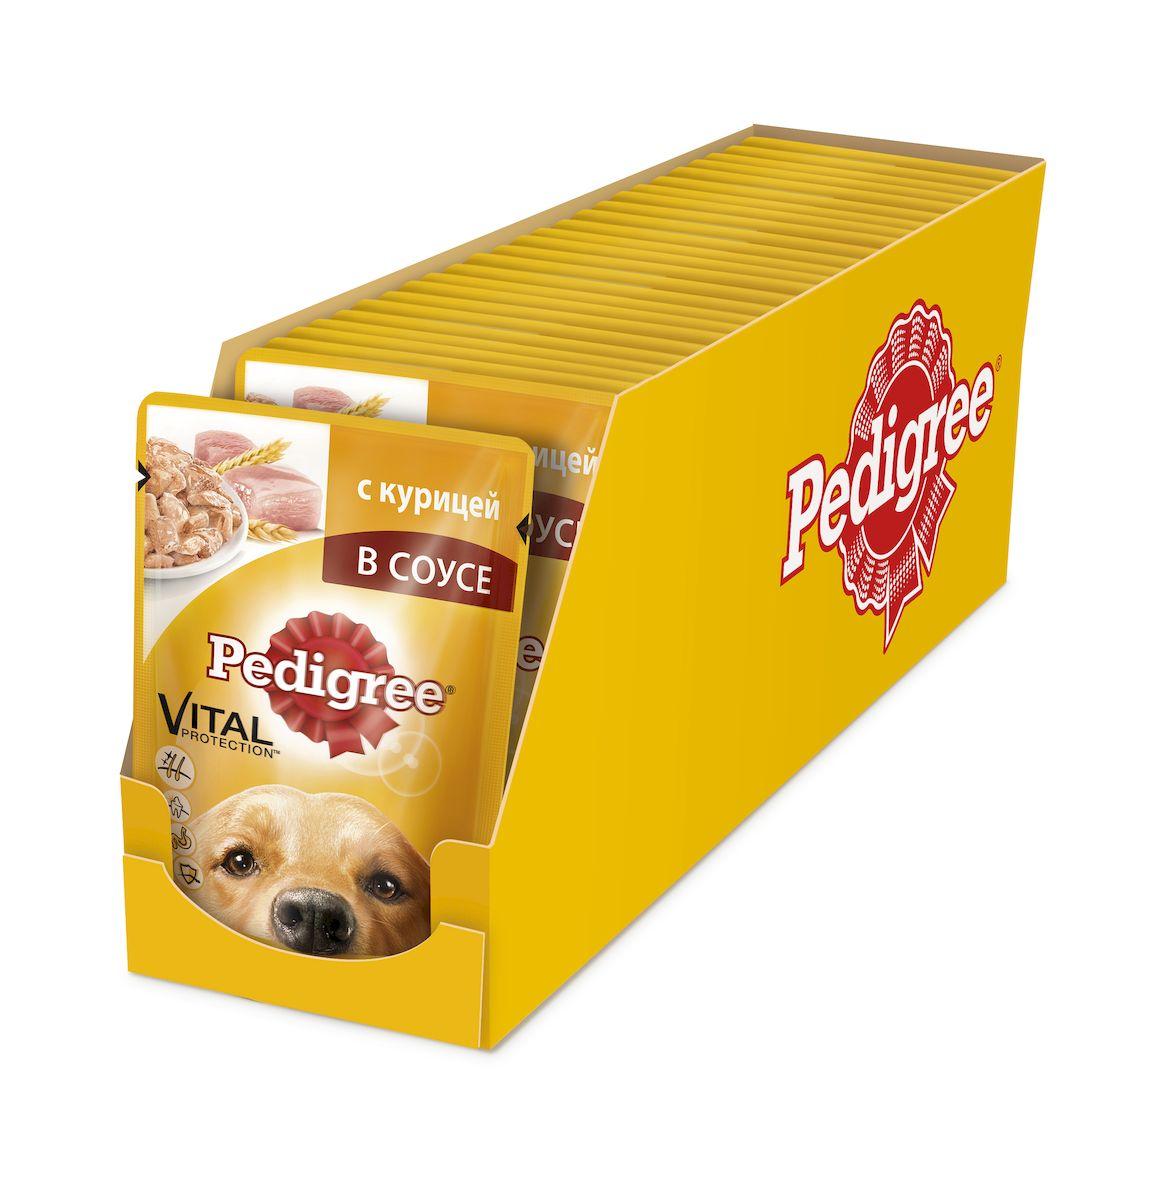 Консервы Pedigree для взрослых собак мелких пород, паштет с курицей, 80 г х 24 шт0120710Консервы Pedigree - это не просто вкусный паштет с курицей, но и полезный, оптимально сбалансированный рацион. Он обеспечивает организм собаки витаминами и микроэлементами, необходимыми ей для здоровья и активной жизни. Не содержитароматизаторов, усилителей вкуса, сои и консервантов, искусственных красителей. Ключевые преимущества: Поддержка иммунной системы: Витамин E и цинк поддерживают иммунную систему. Здоровье костей: Содержит кальций для поддержания здоровья костей. Здоровье кожи и шерсти: Линолевая кислота и цинк необходимы для здоровья кожи и шерсти. Отличное пищеварение: Высокоусвояемые ингредиенты и клетчатка для оптимального пищеварения.Состав: мясо и субпродукты (в том числе курица минимум 4%), клетчатка,минеральные вещества, растительное масло, витамины. Пищевая ценность (100 г): белки - 7,0 г; жиры - 3,5 г; зола - 1,0 г; клетчатка - 0,6 г; влага - 85 г; кальций - не менее 0,1 г; цинк - не менее 1.8 мг; витамин A - не менее 120 ME; витамин E - не менее 0,9 мг.Энергетическая ценность (100 г): 65 ккал/272 кДж. В упаковке 24 пауча по 80 г.Товар сертифицирован.